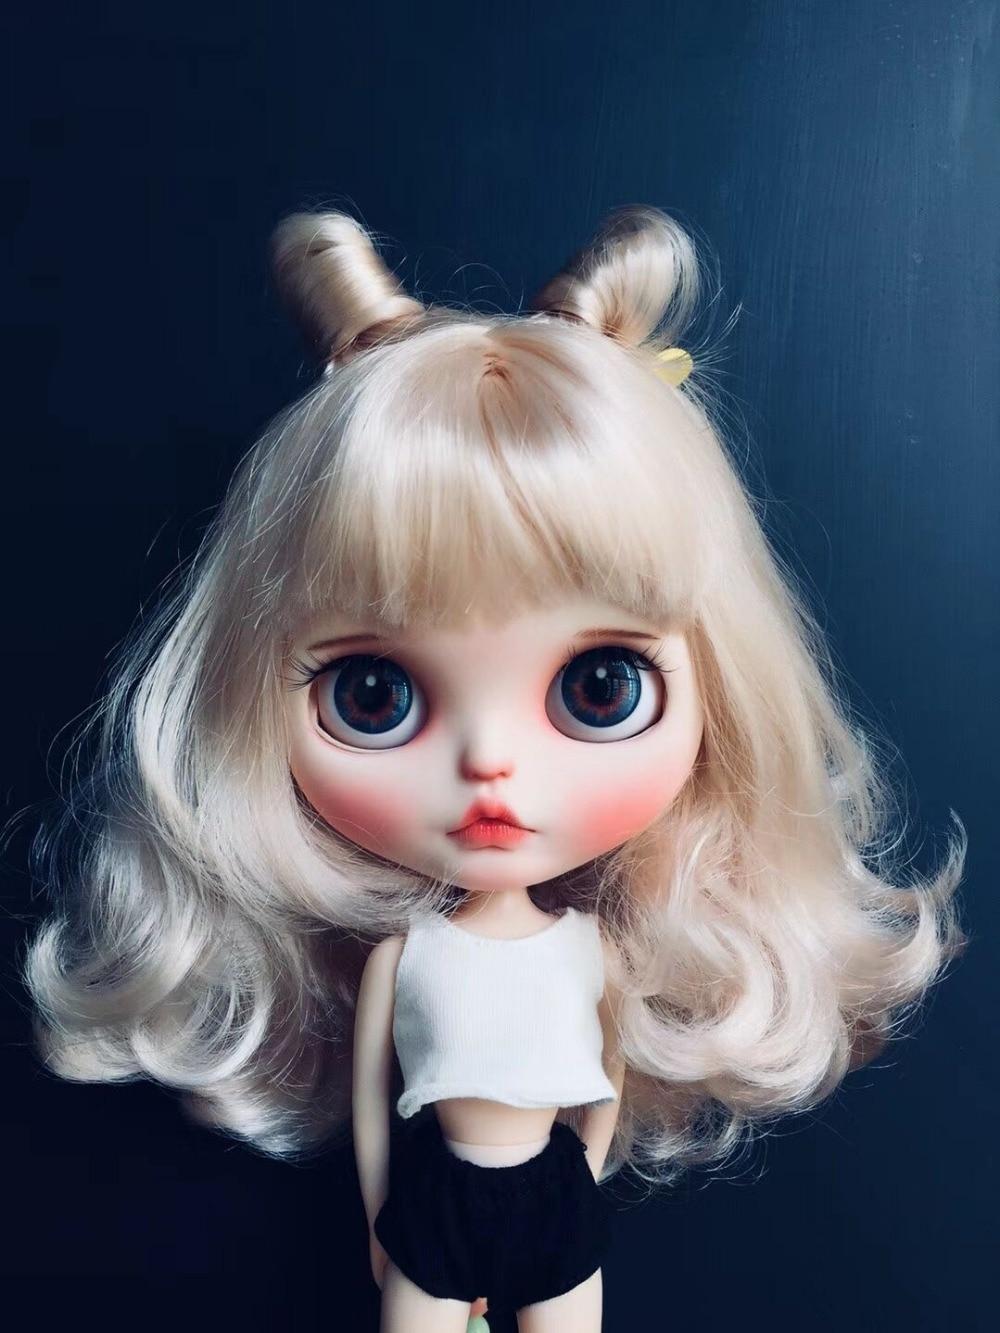 Anpassung puppe DIY Nude blyth puppe Für Mädchen nude puppe 20193 (nicht enthalten kleidung)-in Puppen aus Spielzeug und Hobbys bei  Gruppe 2